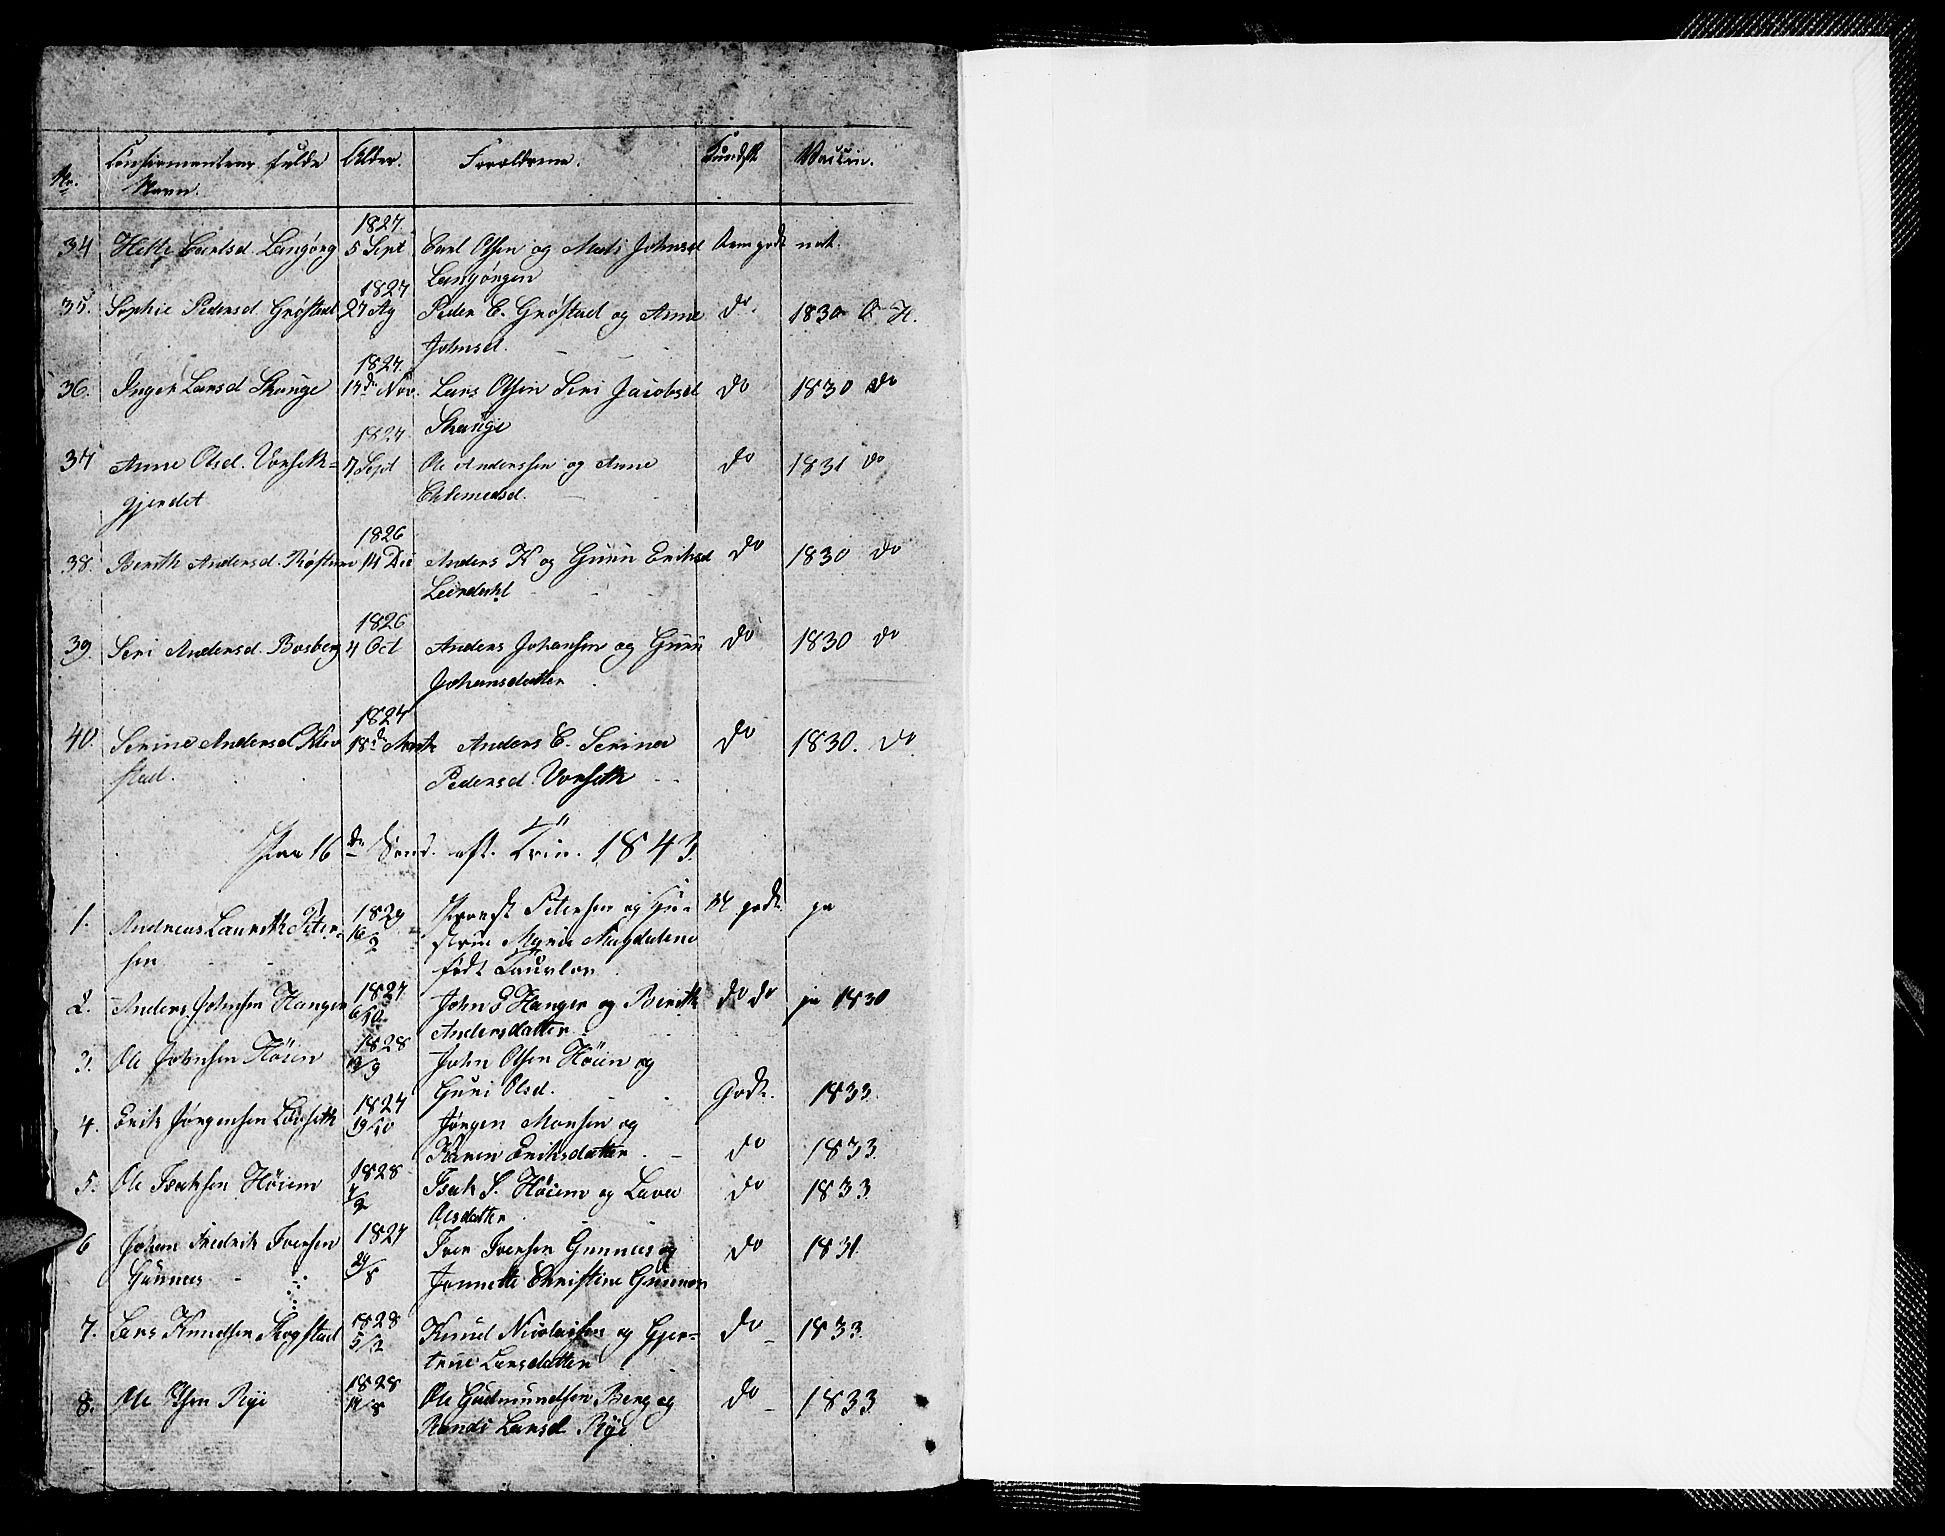 SAT, Ministerialprotokoller, klokkerbøker og fødselsregistre - Sør-Trøndelag, 612/L0386: Klokkerbok nr. 612C02, 1834-1845, s. 93